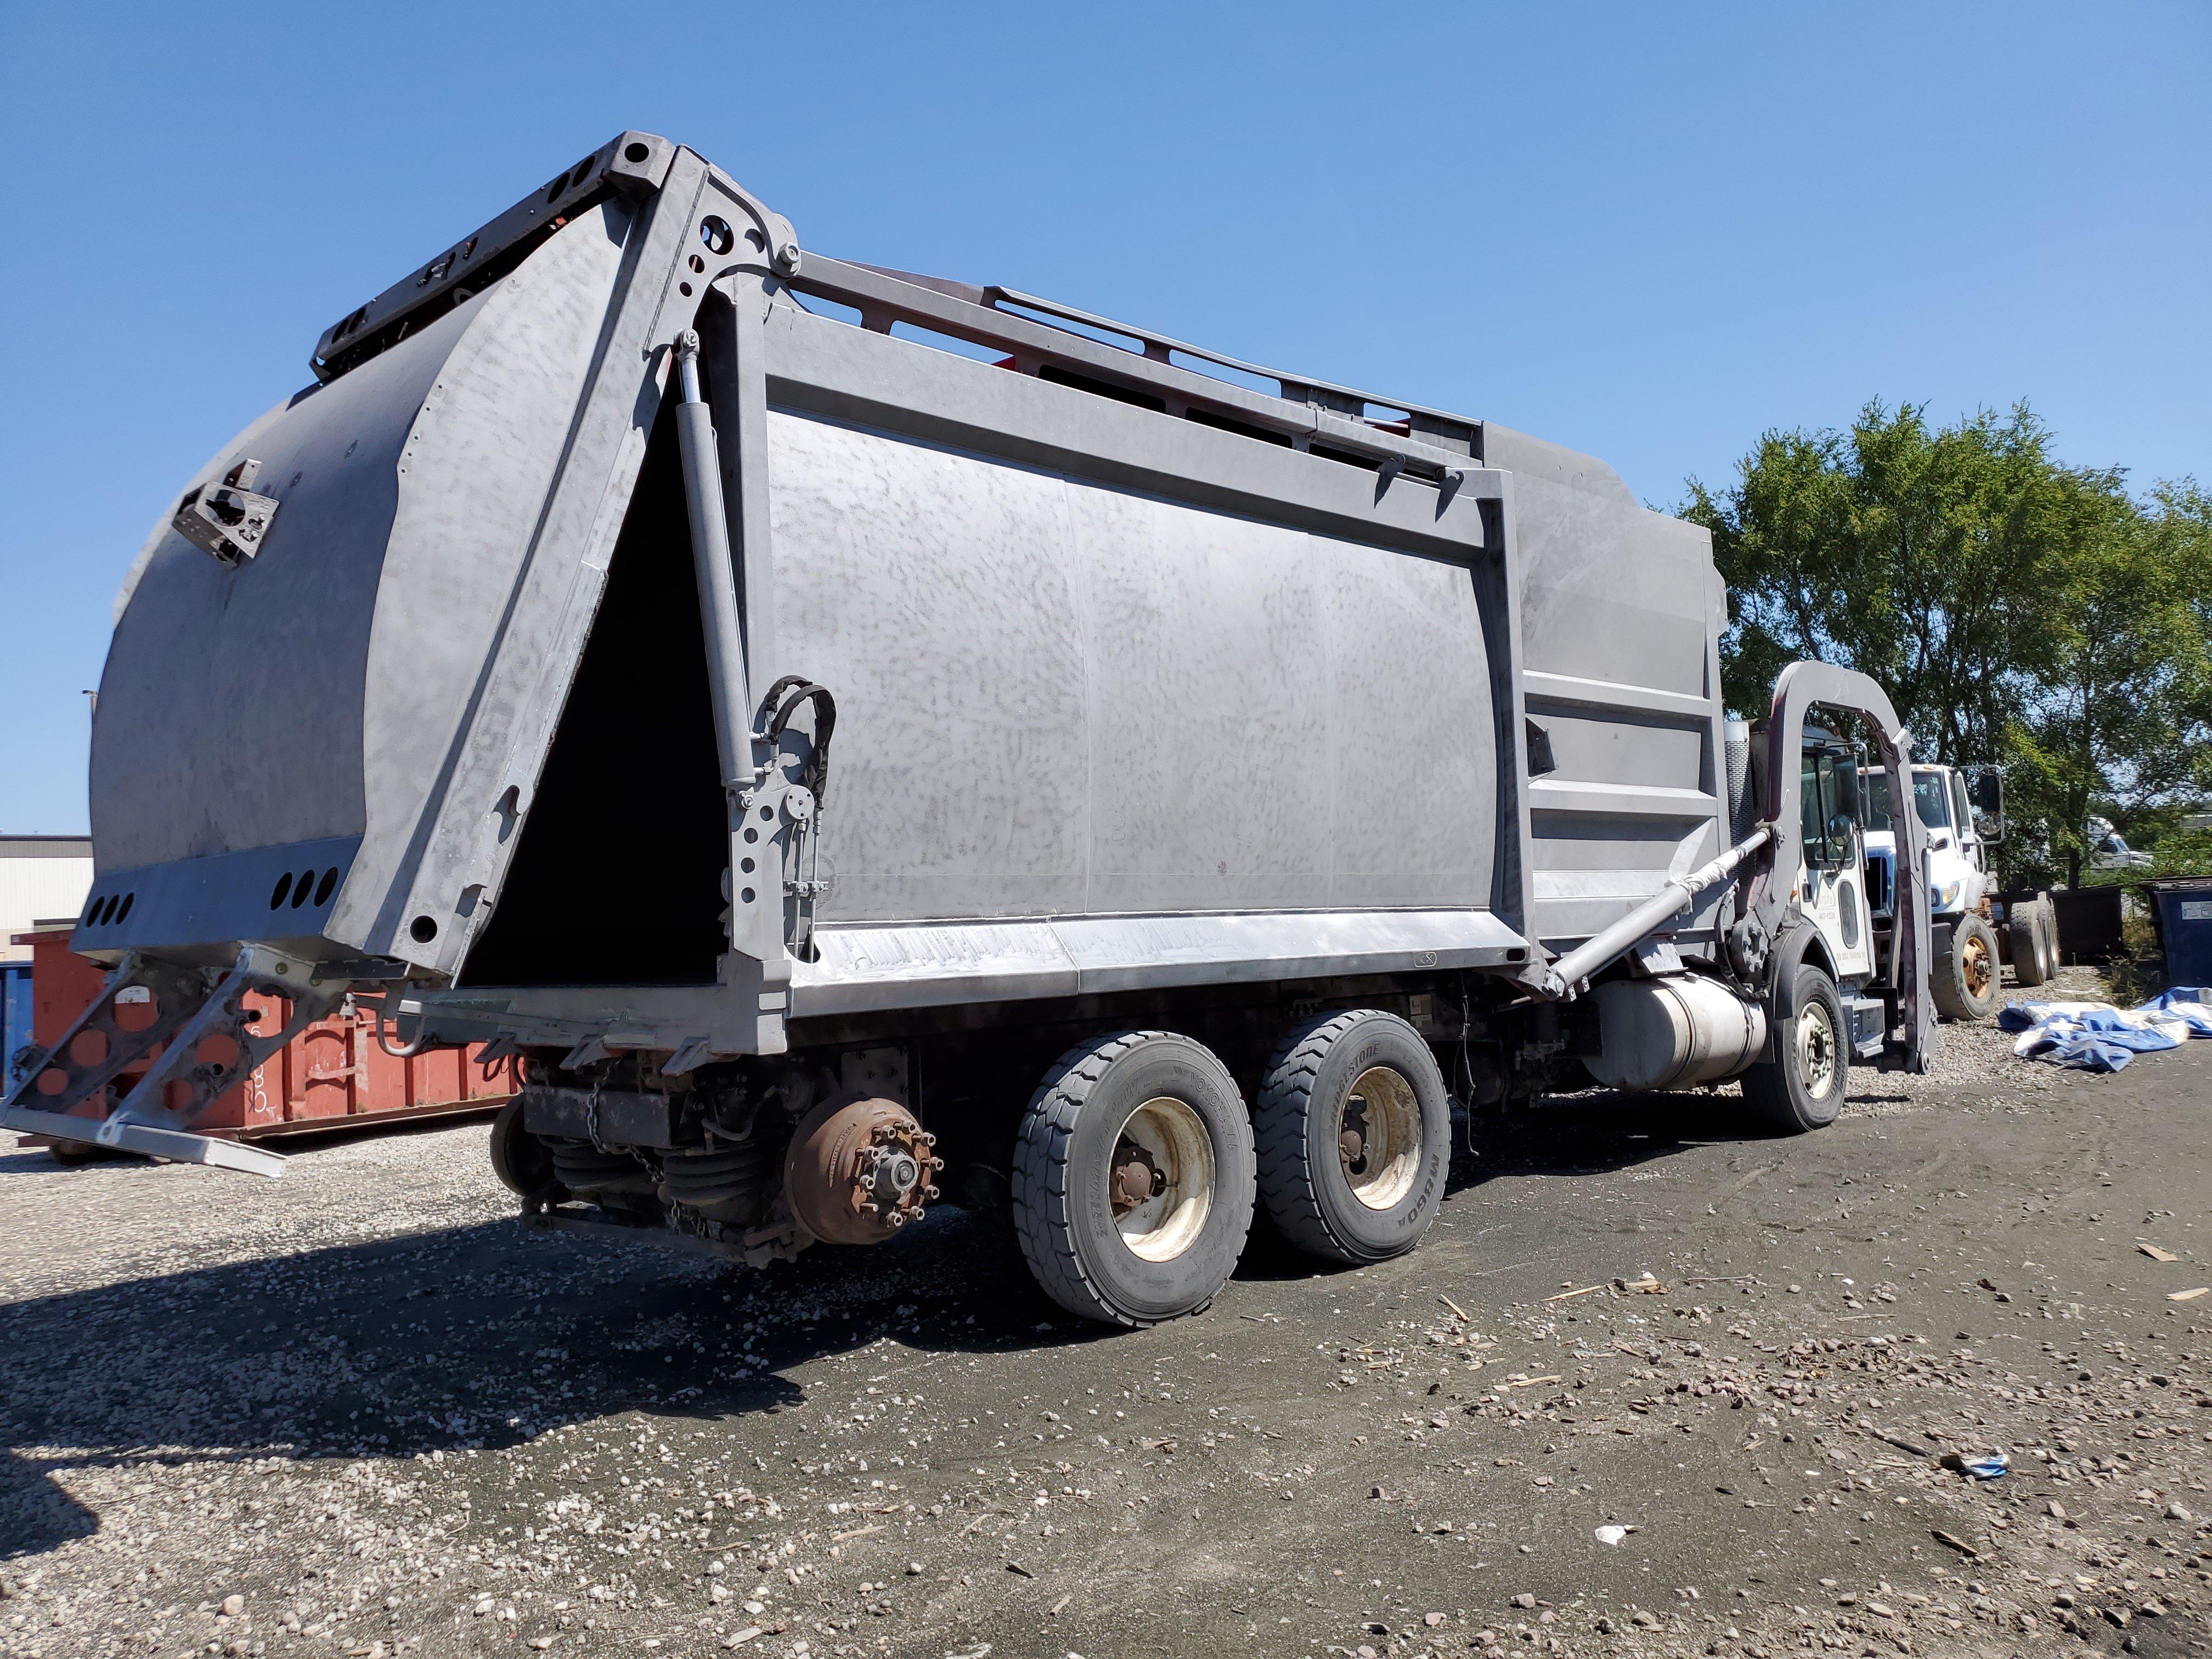 Case study | Garbage truck